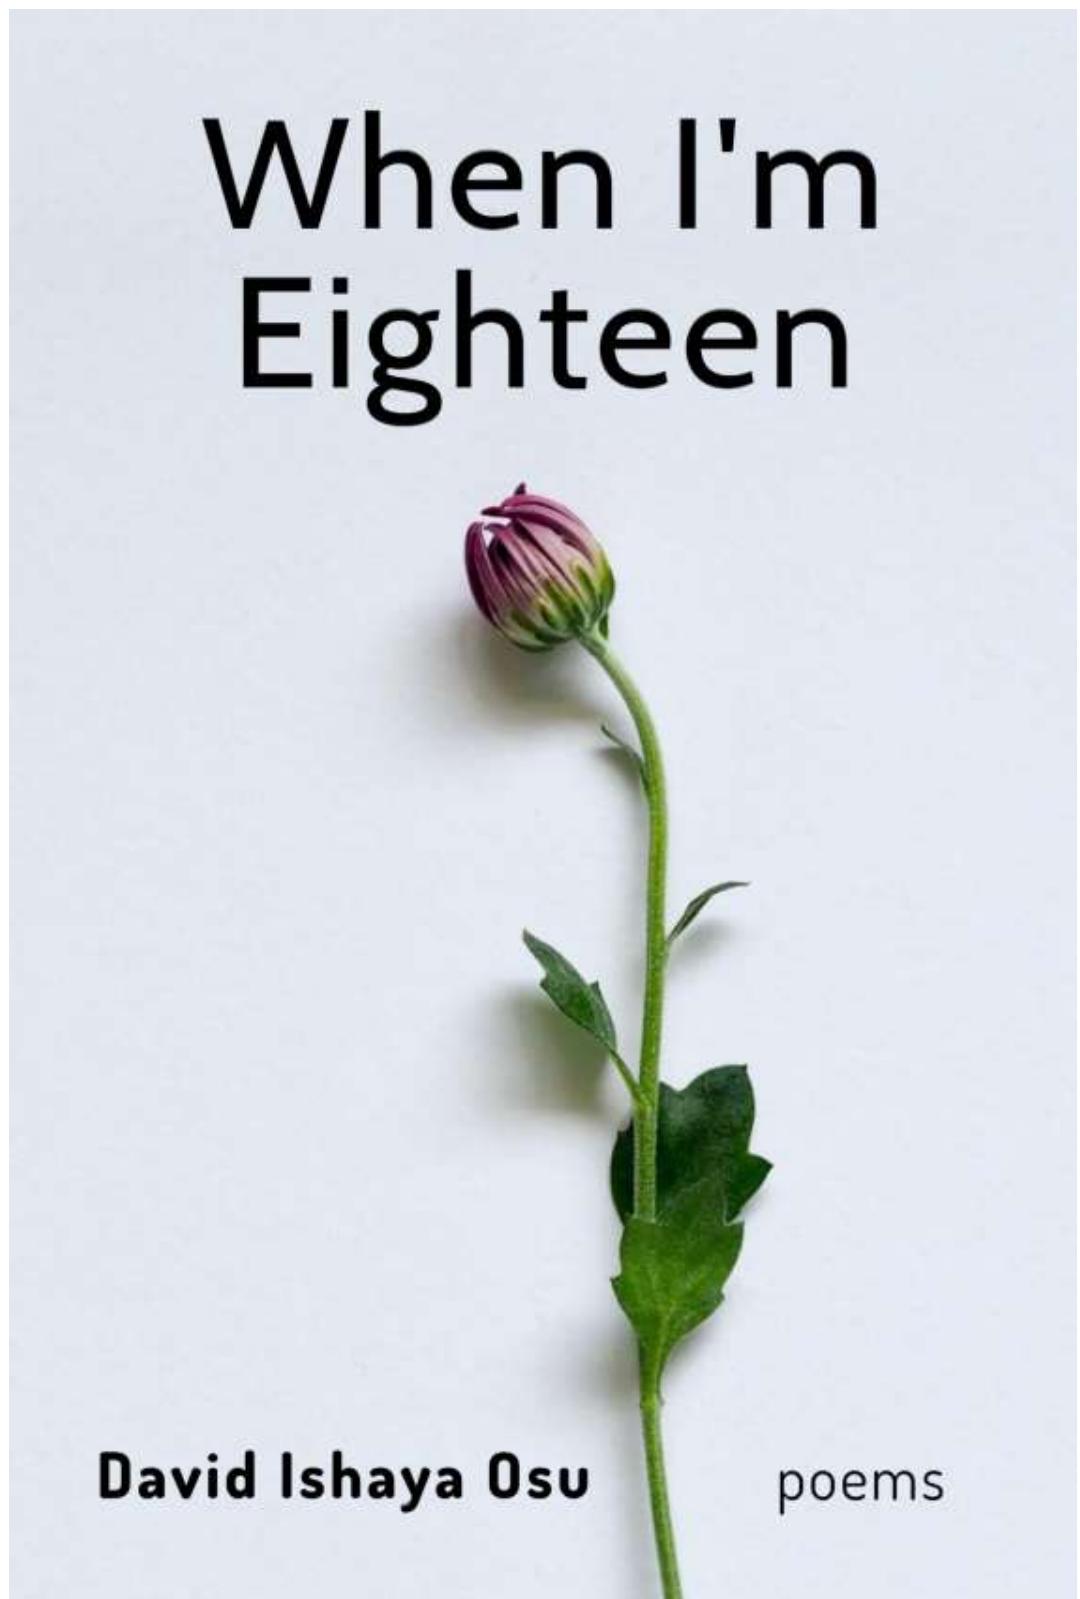 'When I'm Eighteen' by David Ishaya Osu